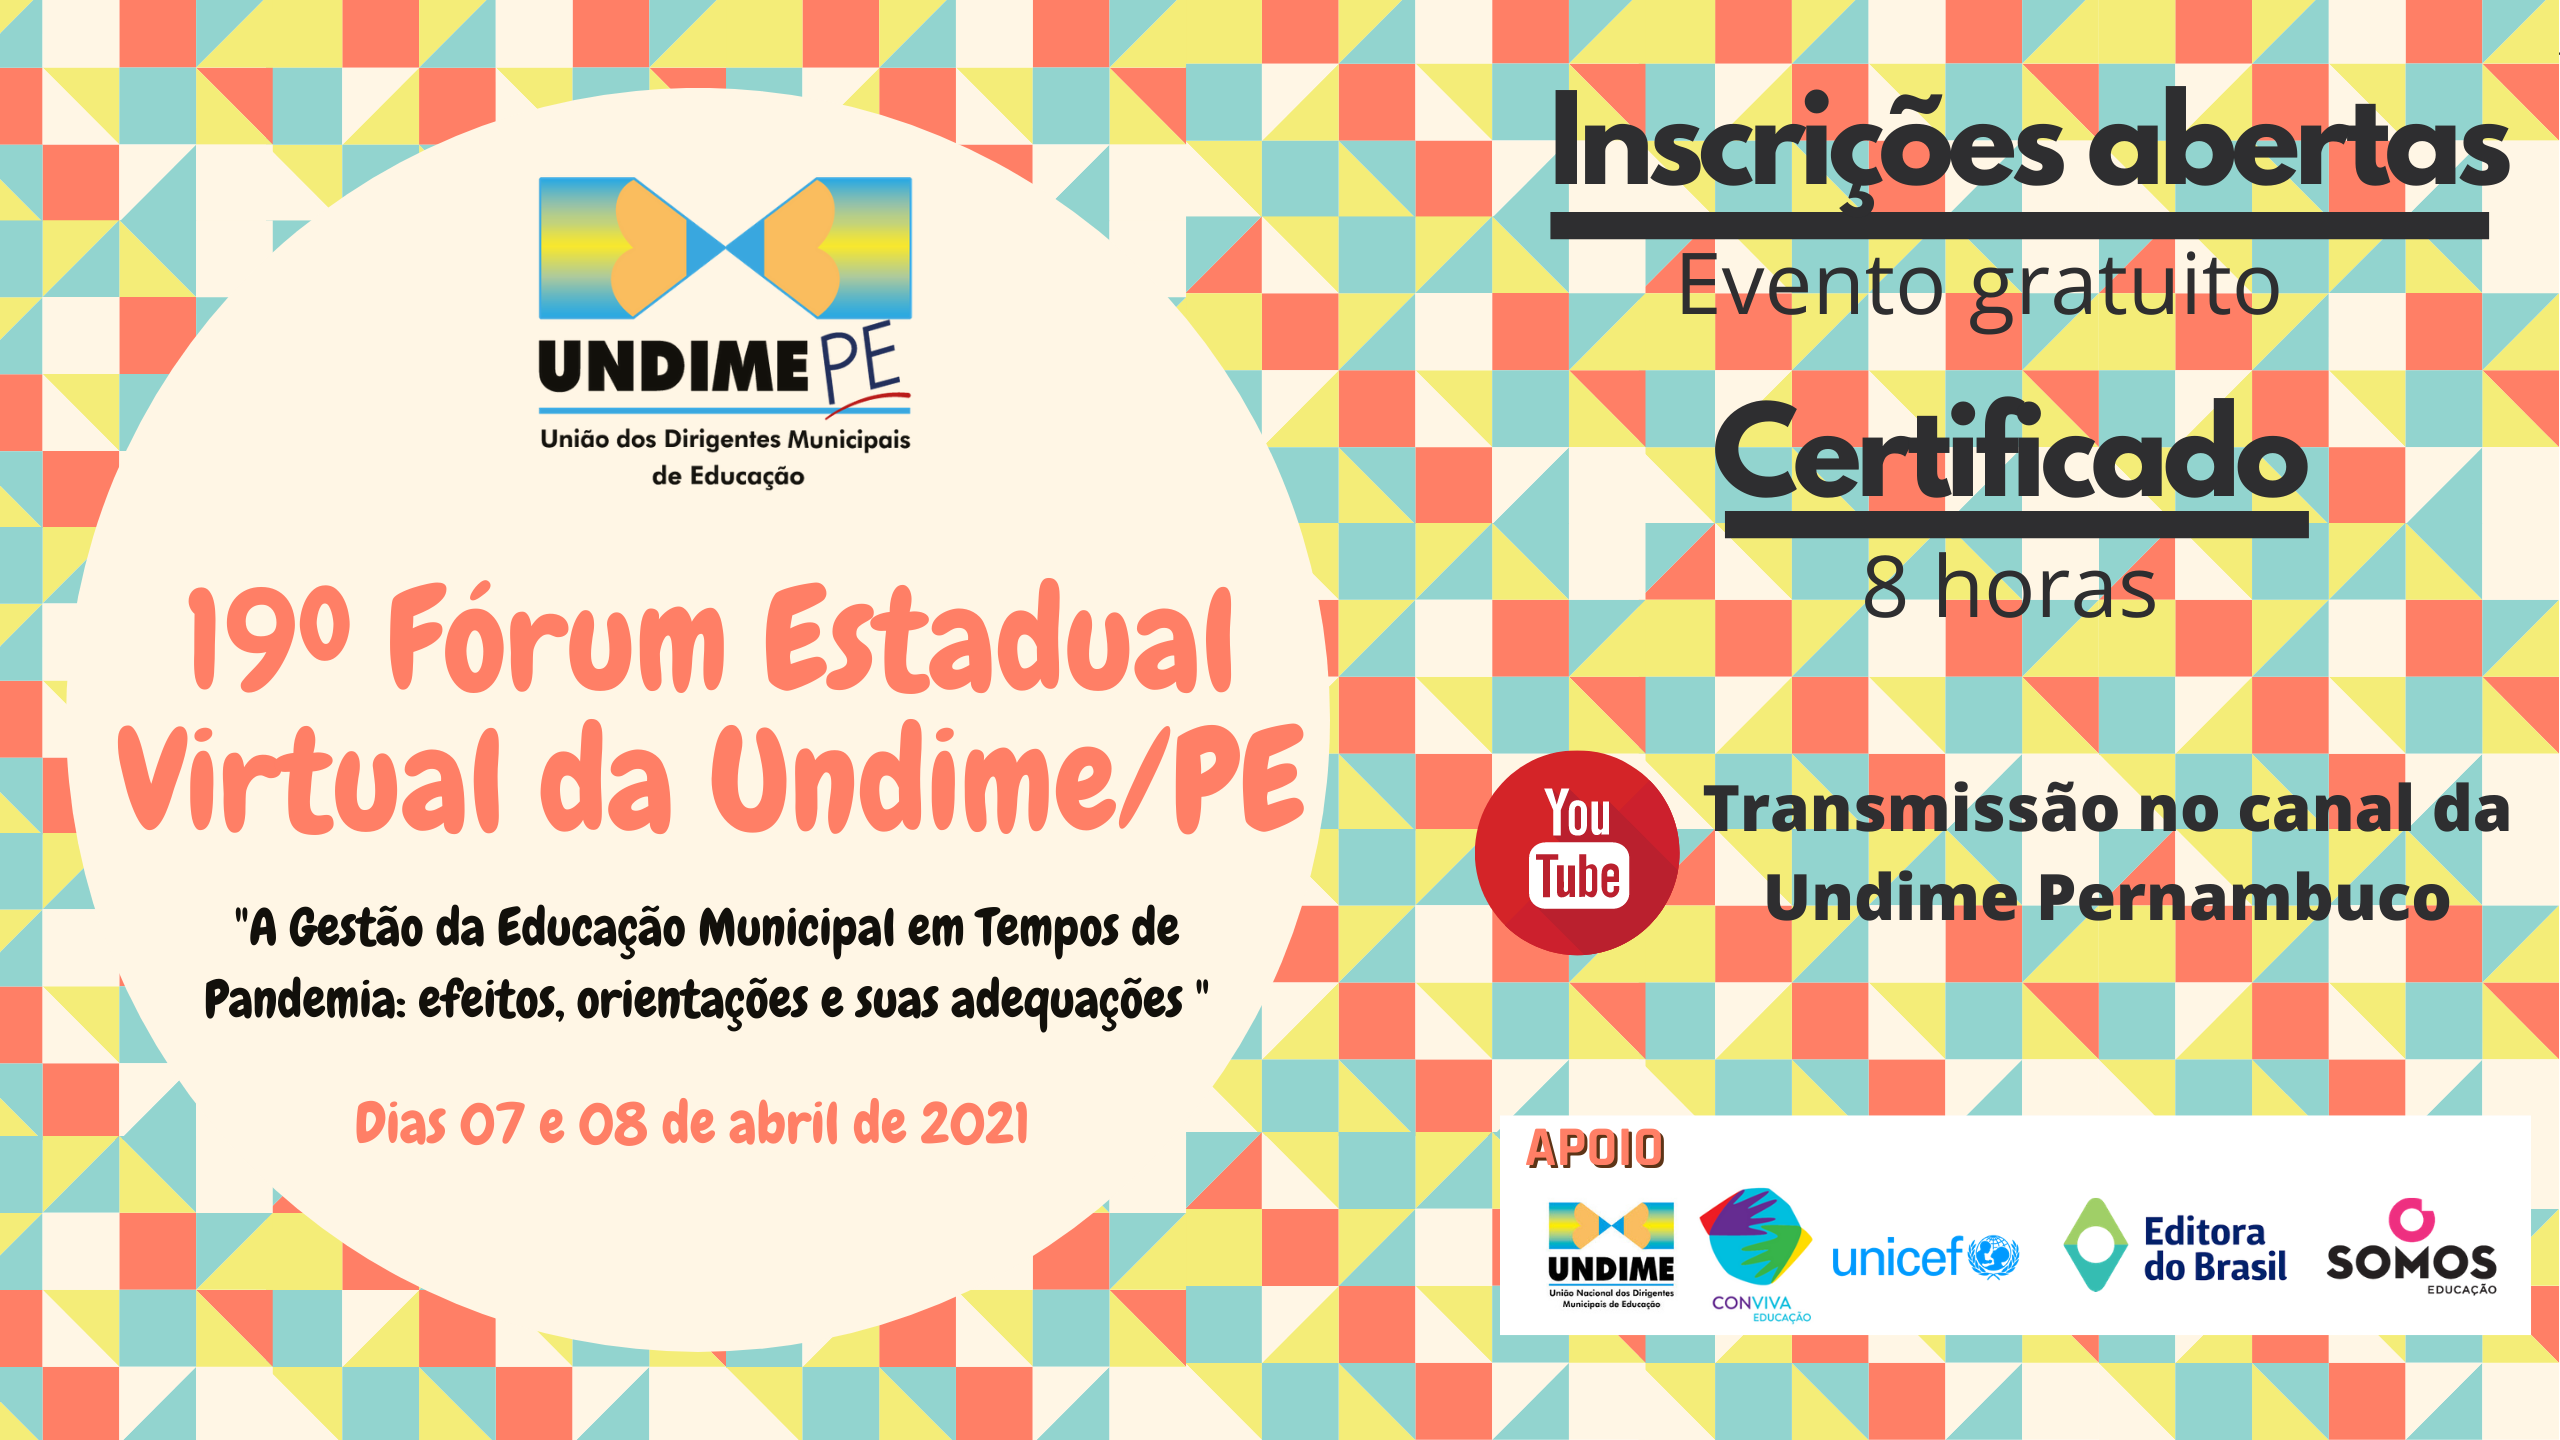 Estão abertas às inscrições para o 19º Fórum Estadual Virtual da Undime Pernambuco